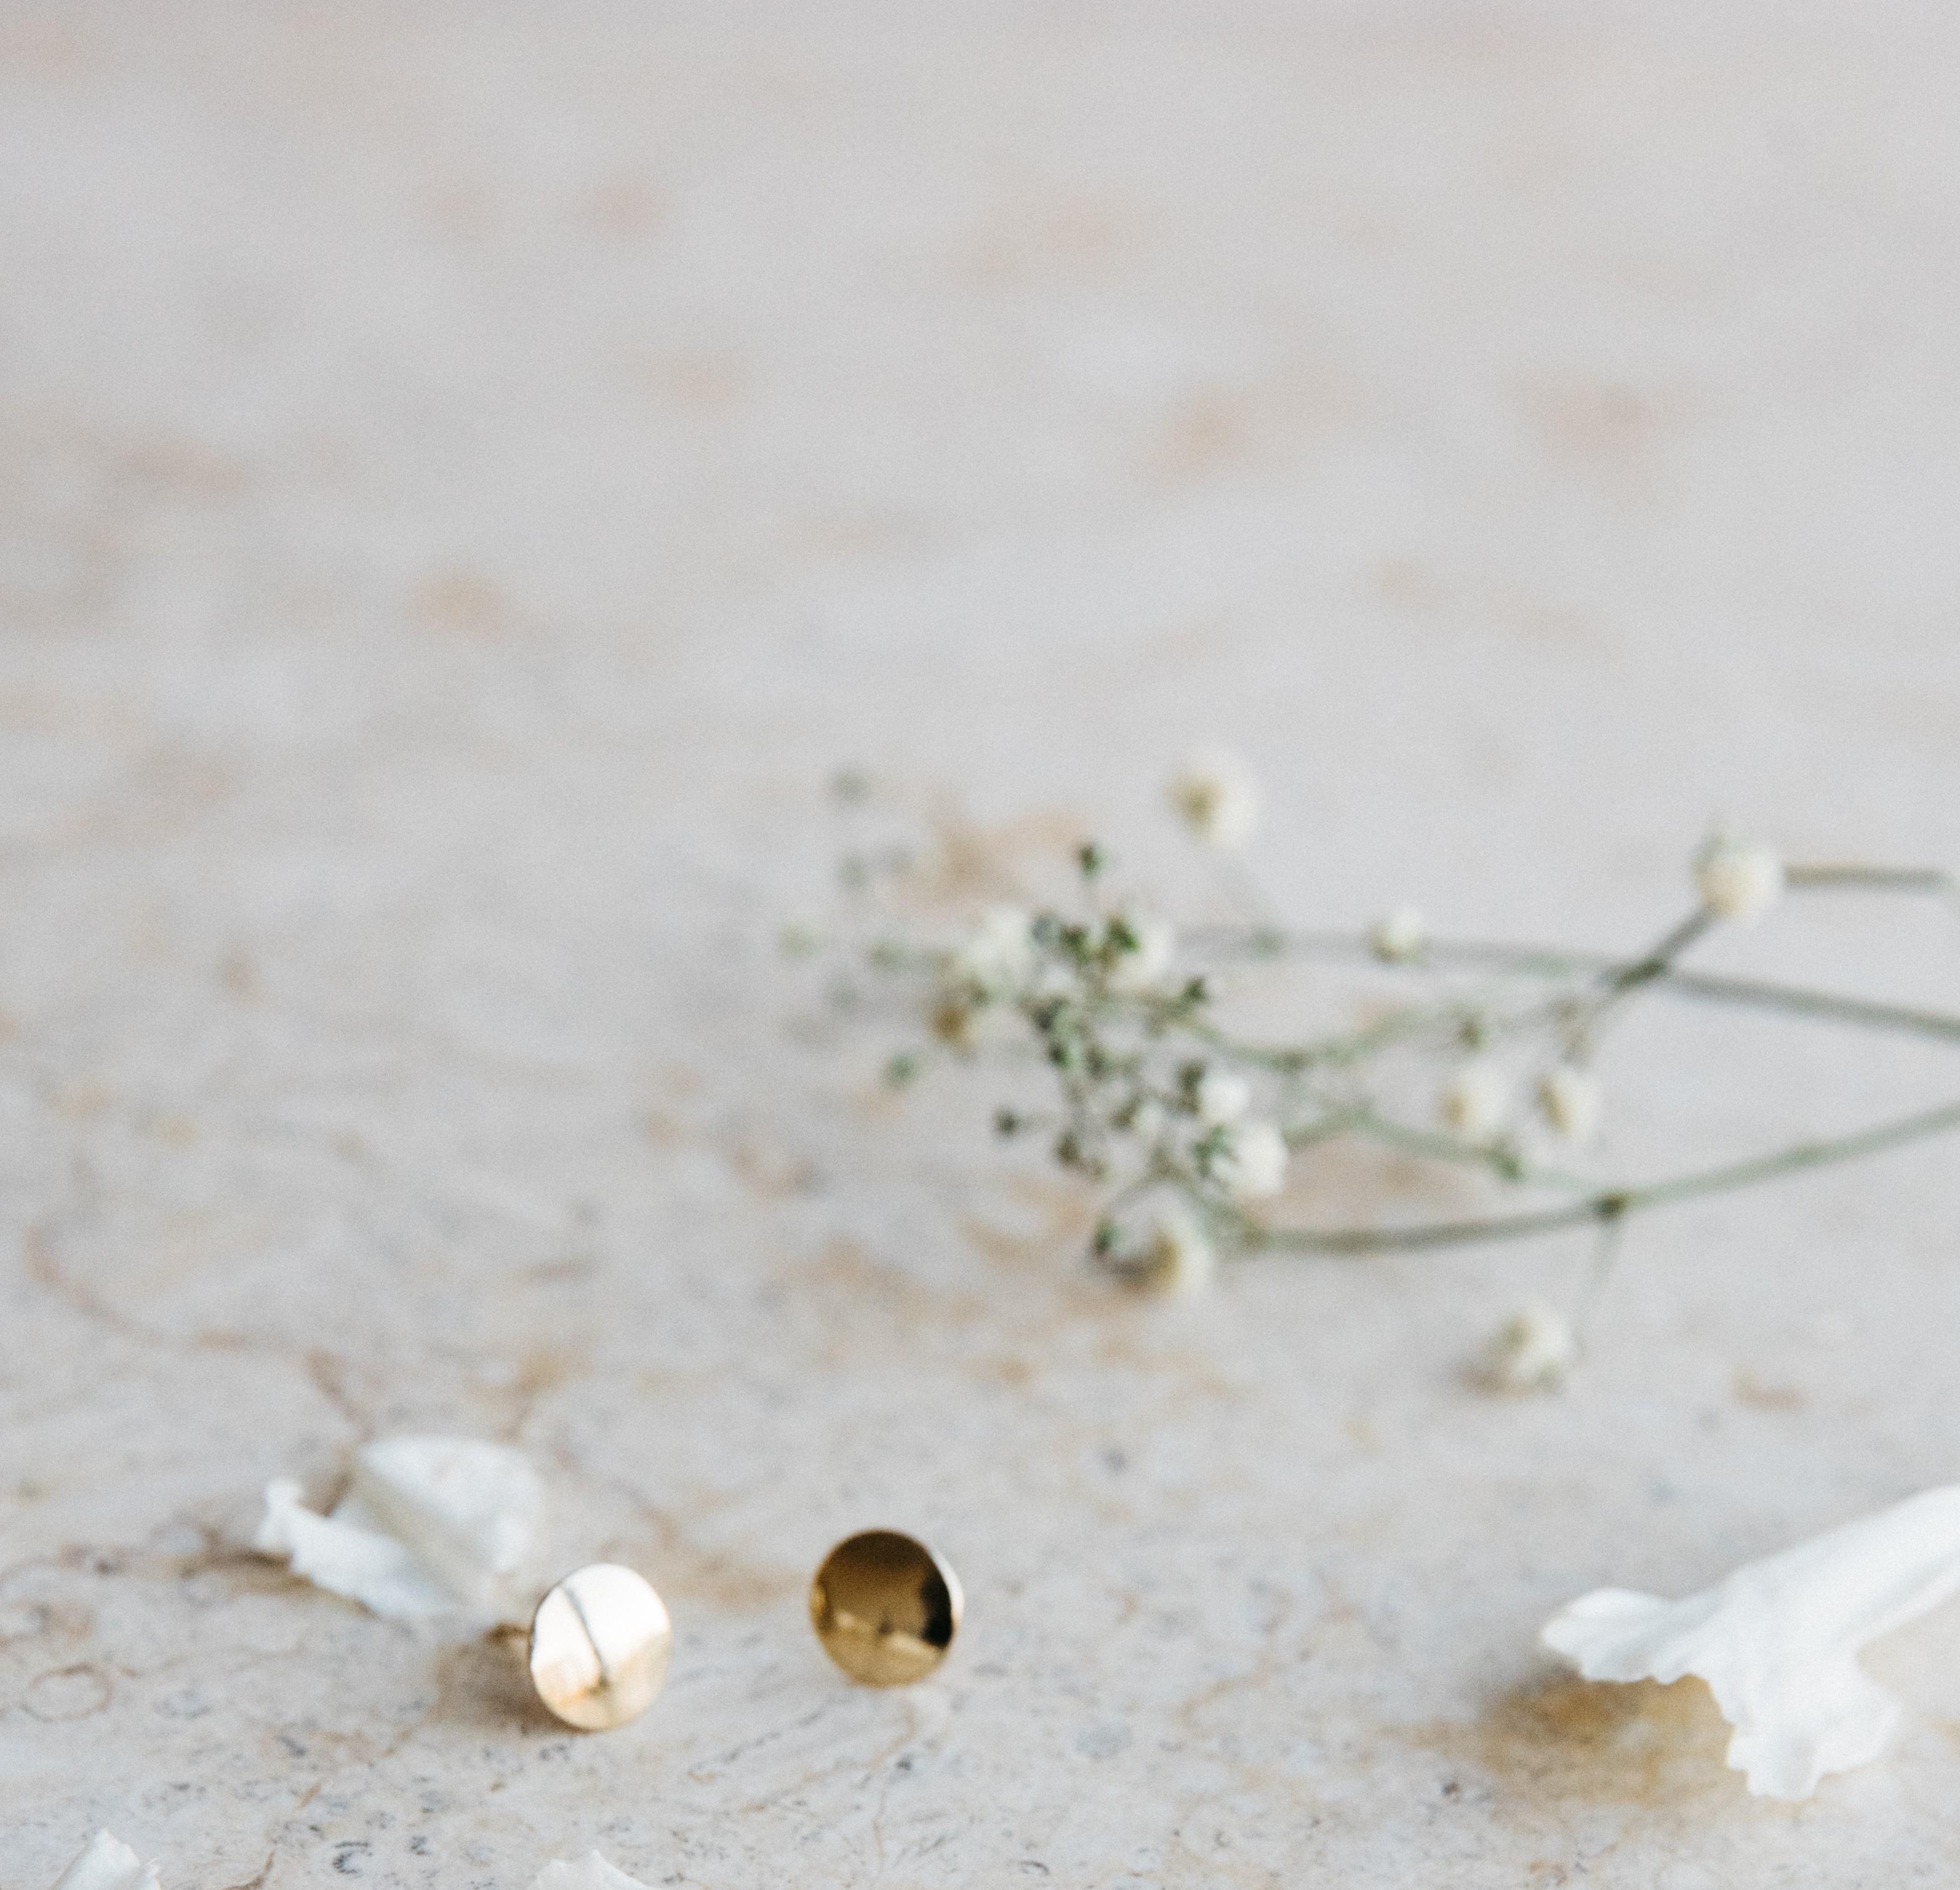 Kolczyki złote guziczki gładkie podkładki